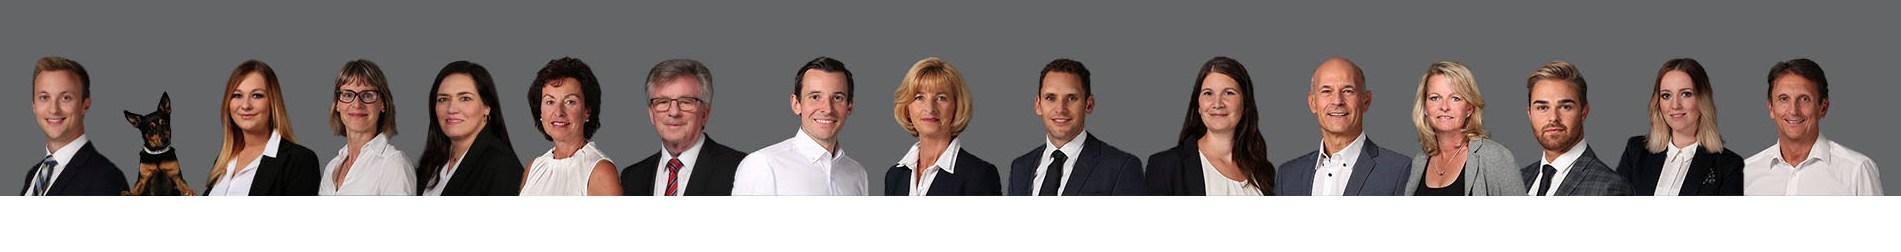 Team ZEIT & WERT Immobilien Maklersocietät GmbH Mai 2019